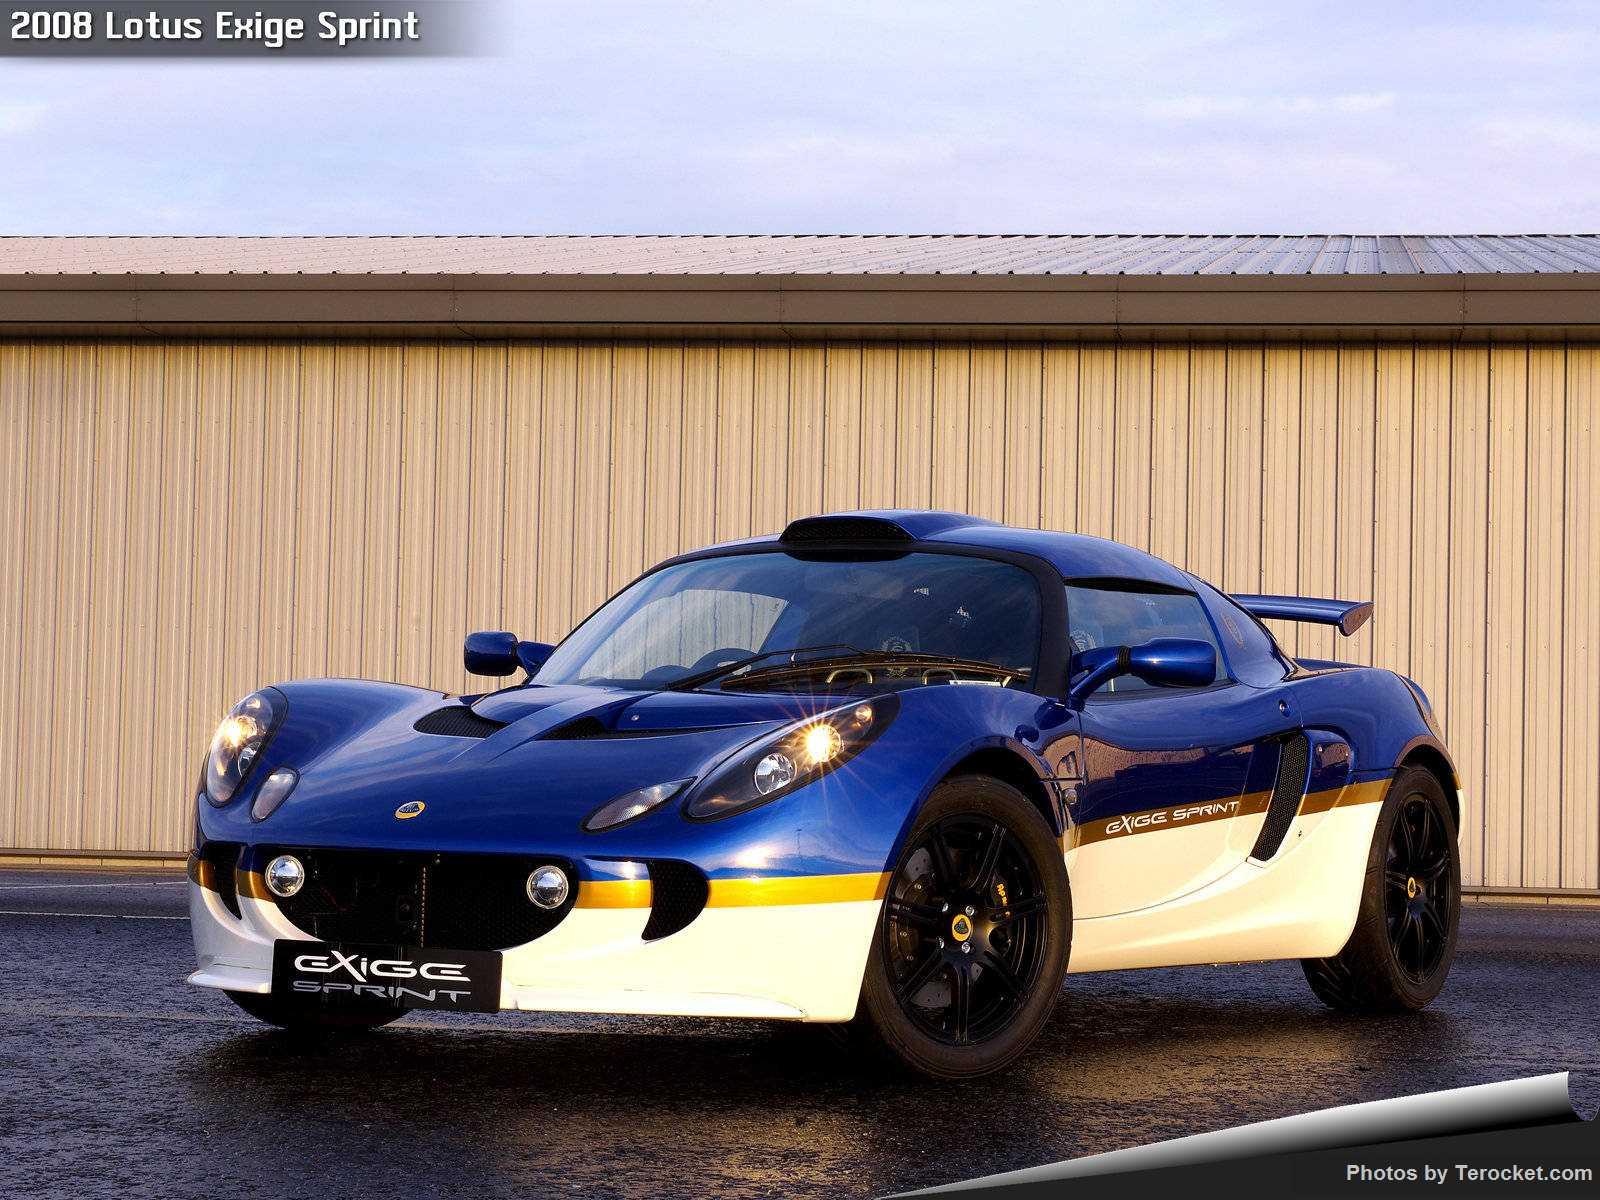 Hình ảnh siêu xe Lotus Exige Sprint 2008 & nội ngoại thất